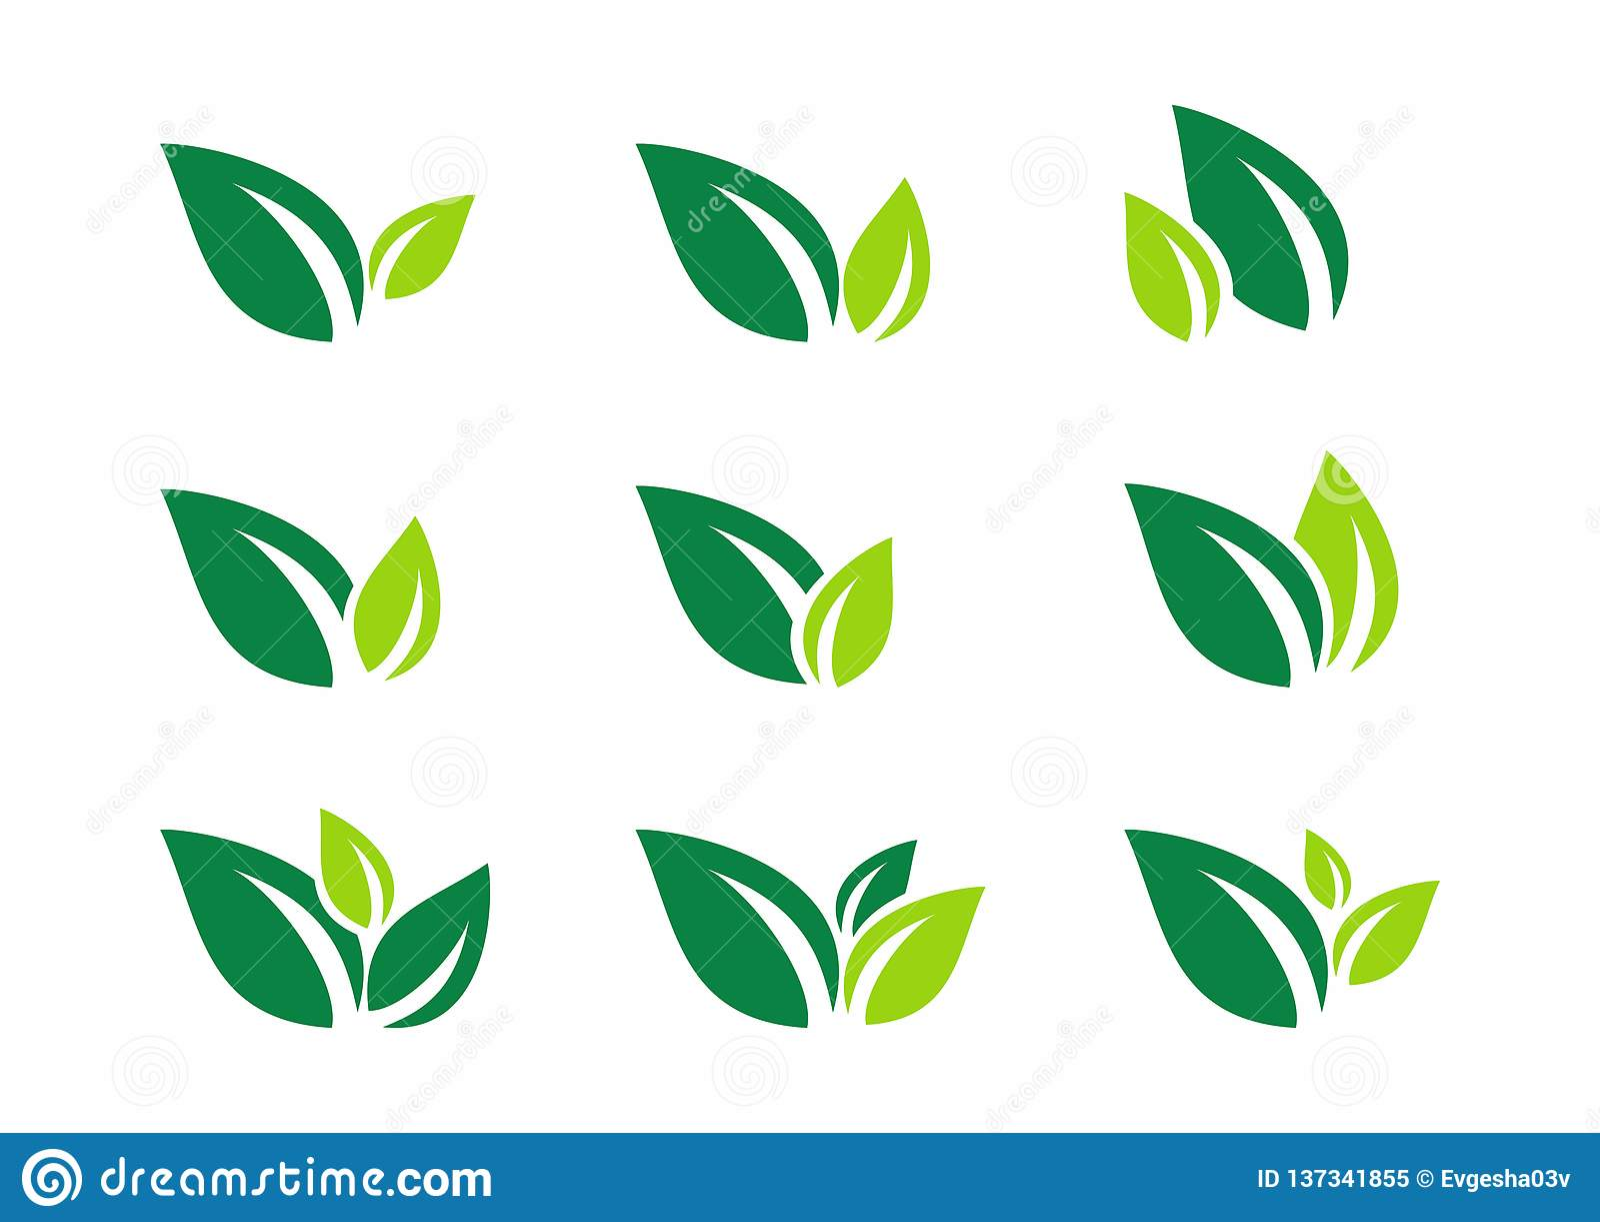 Blatt, Anlage, Logo, Ökologie, Wellness, Grün, Blätter, Natursymbol-Ikonensatz von Vektorentwürfen